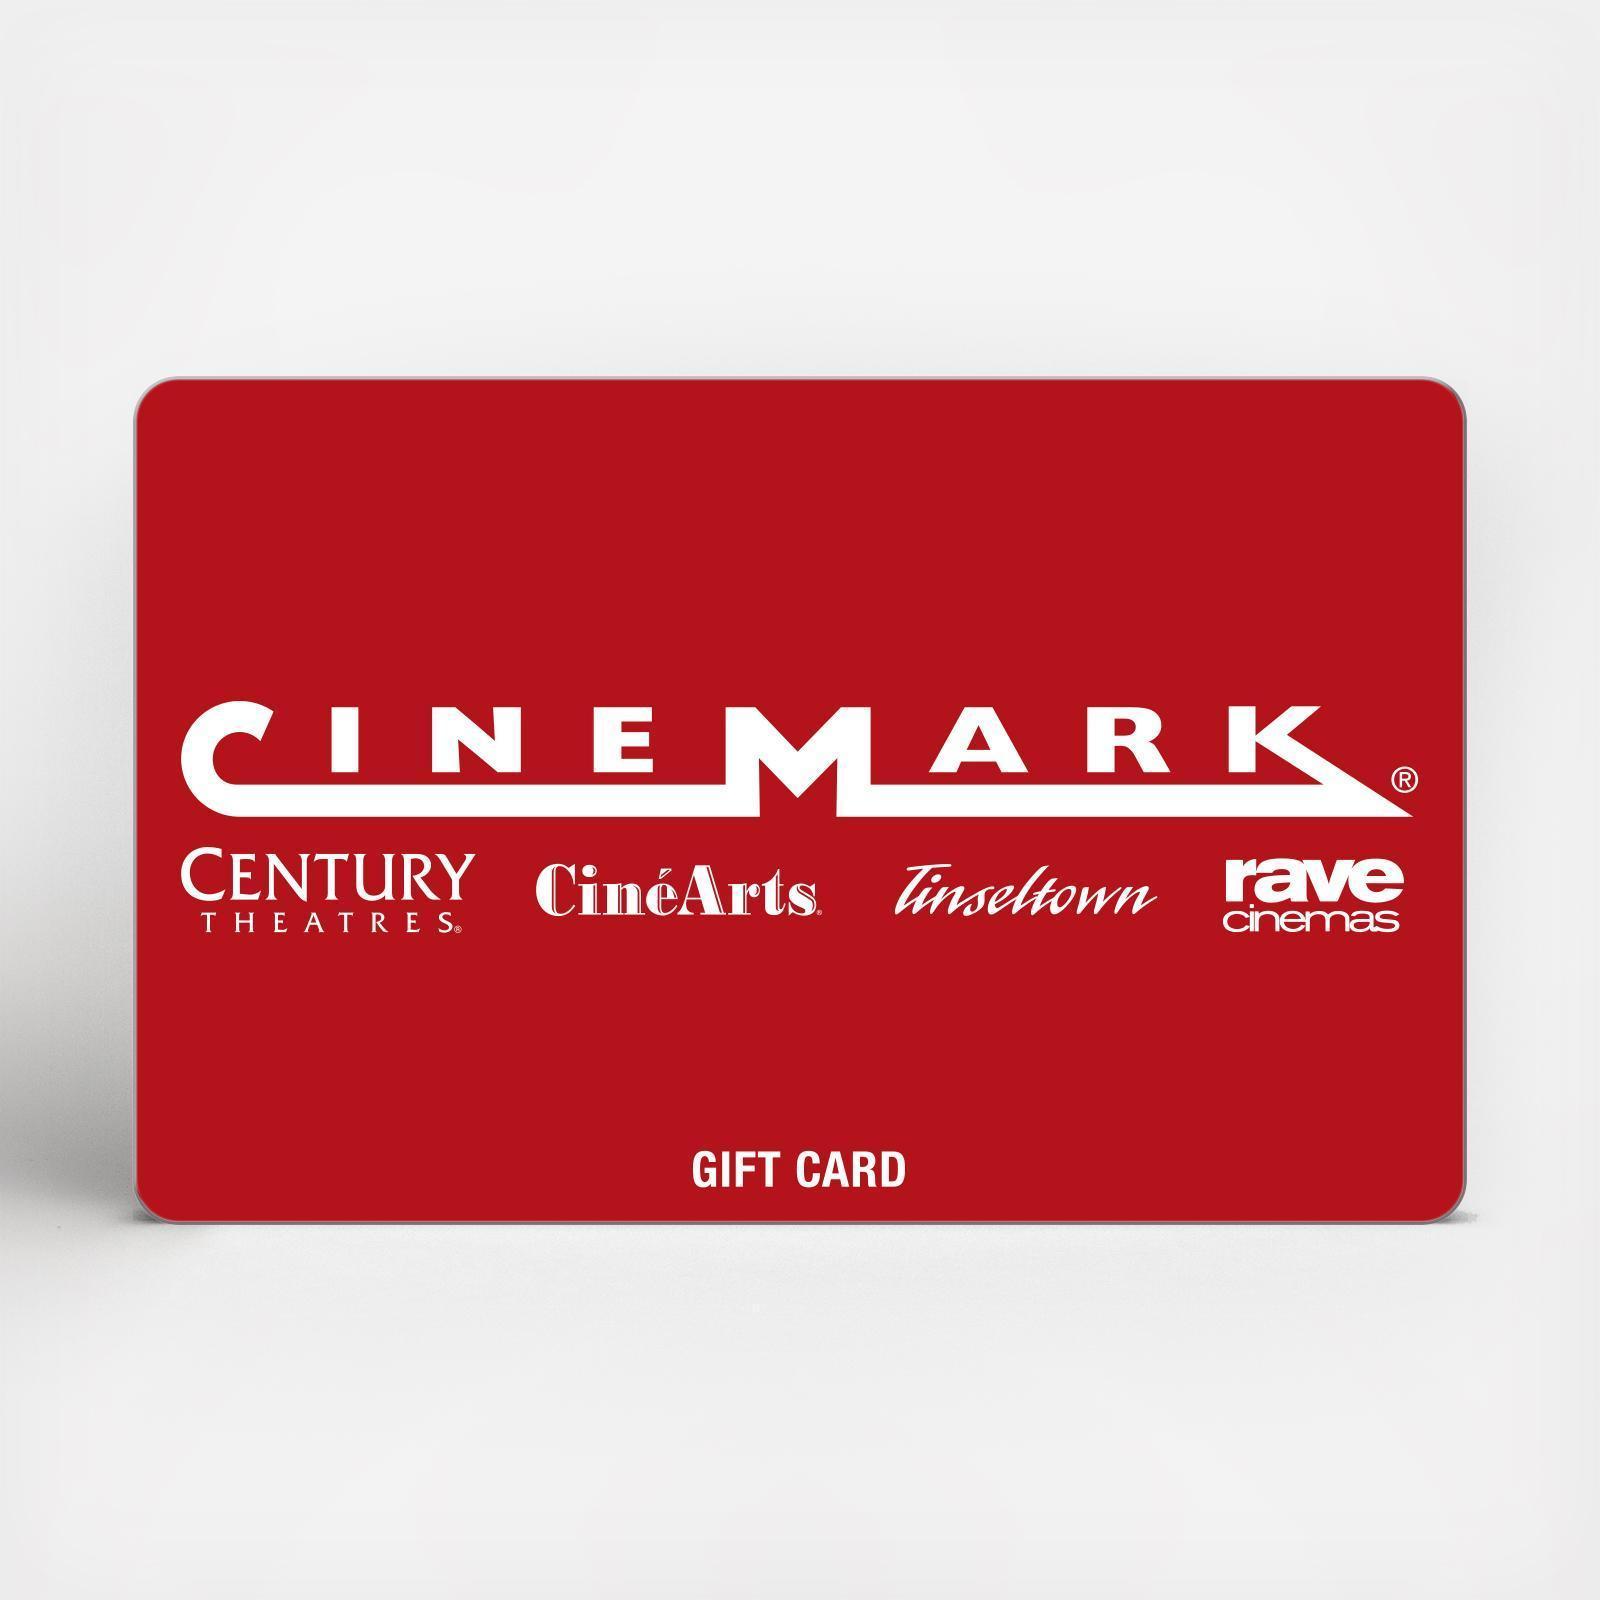 Cinemark Gift Card